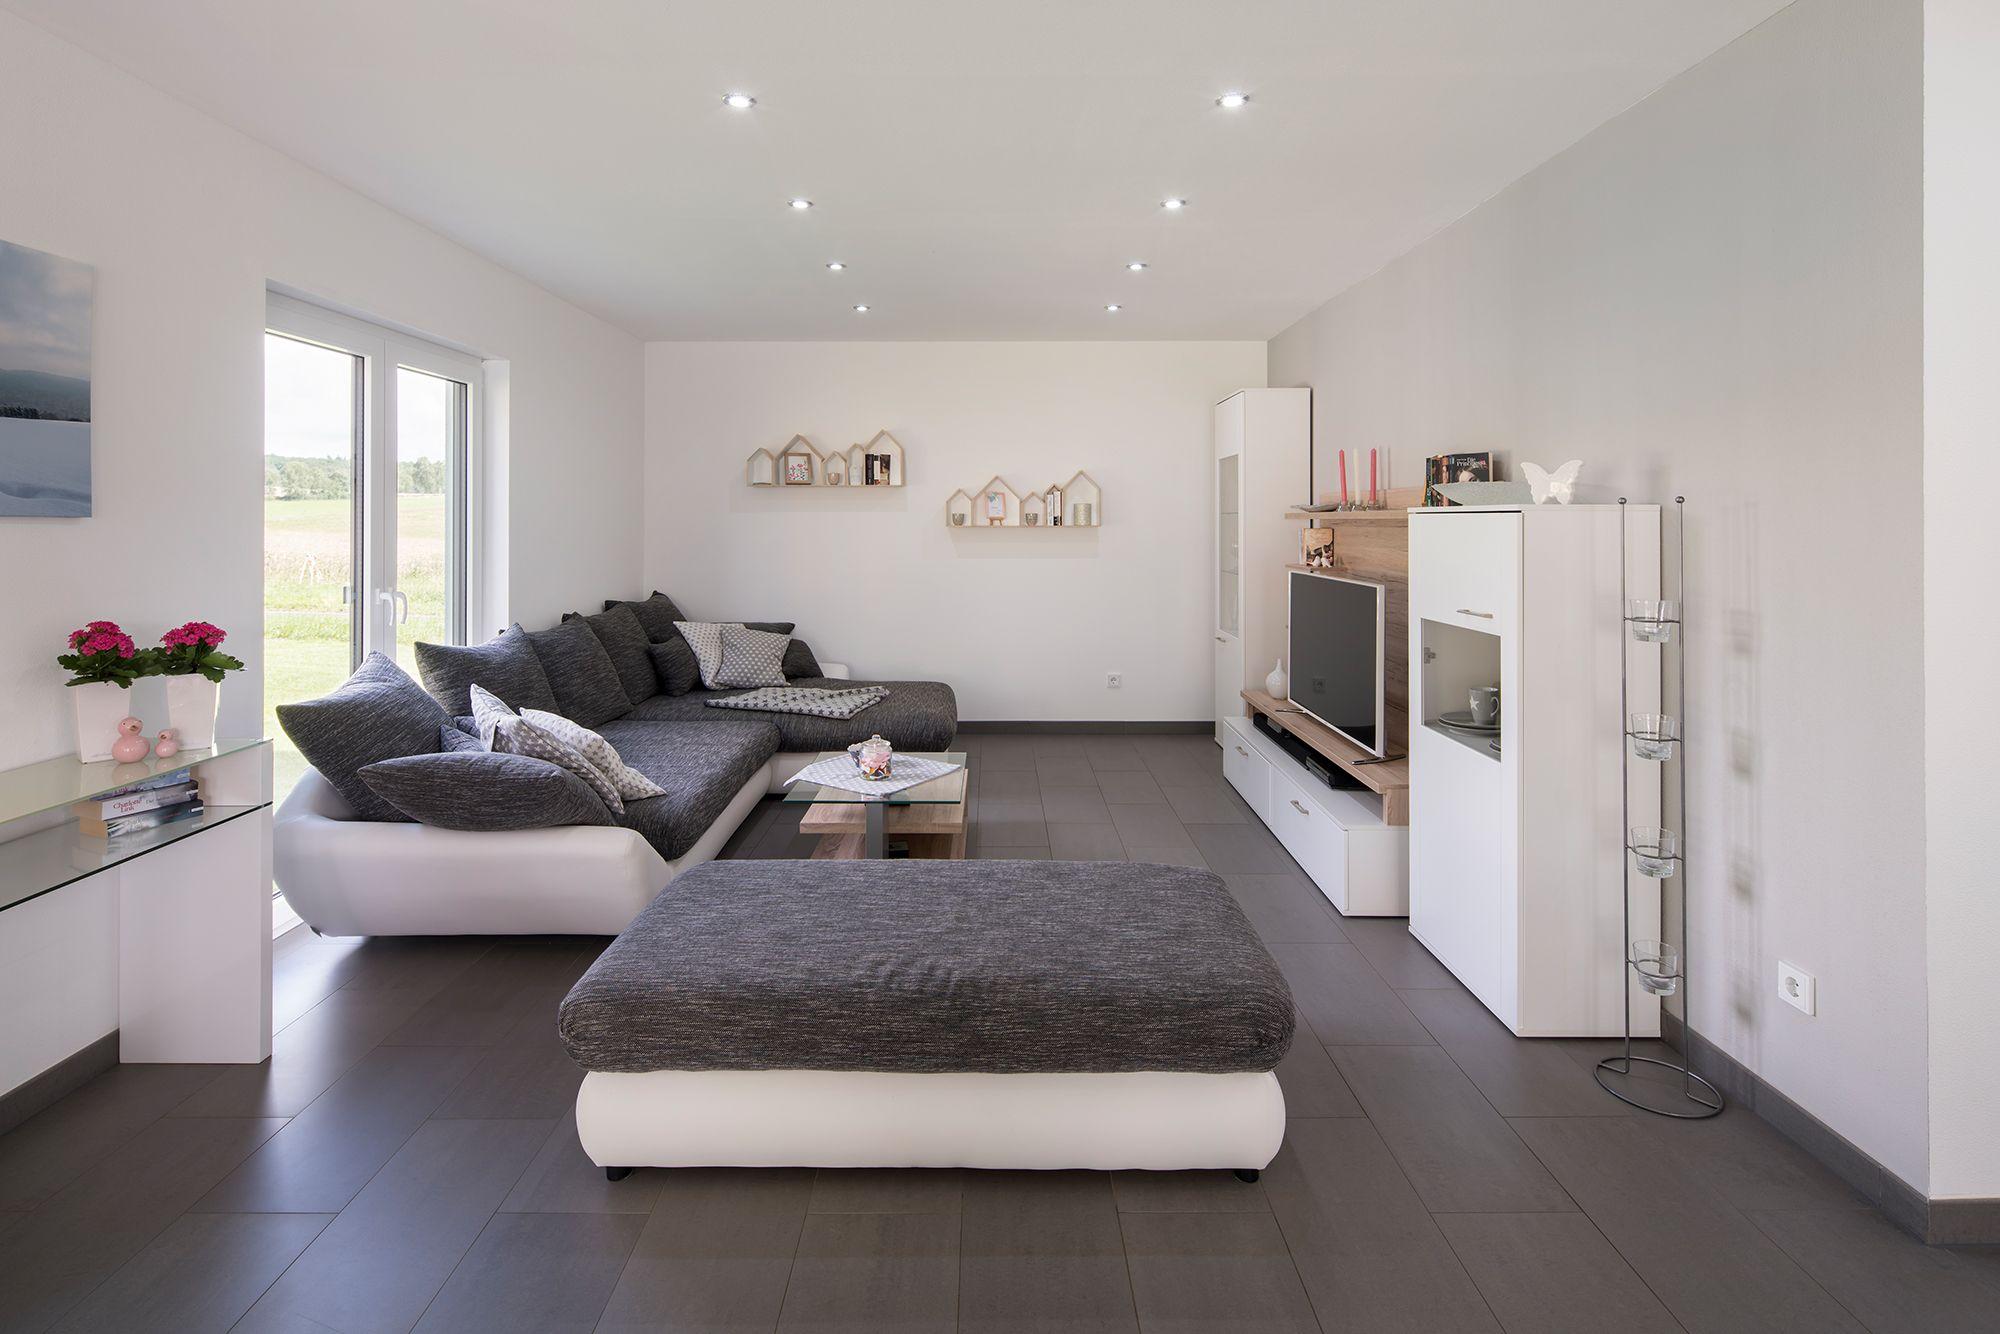 Fertighaus Wohnideen – Wohnzimmer  Wohnideen wohnzimmer, Wohnen